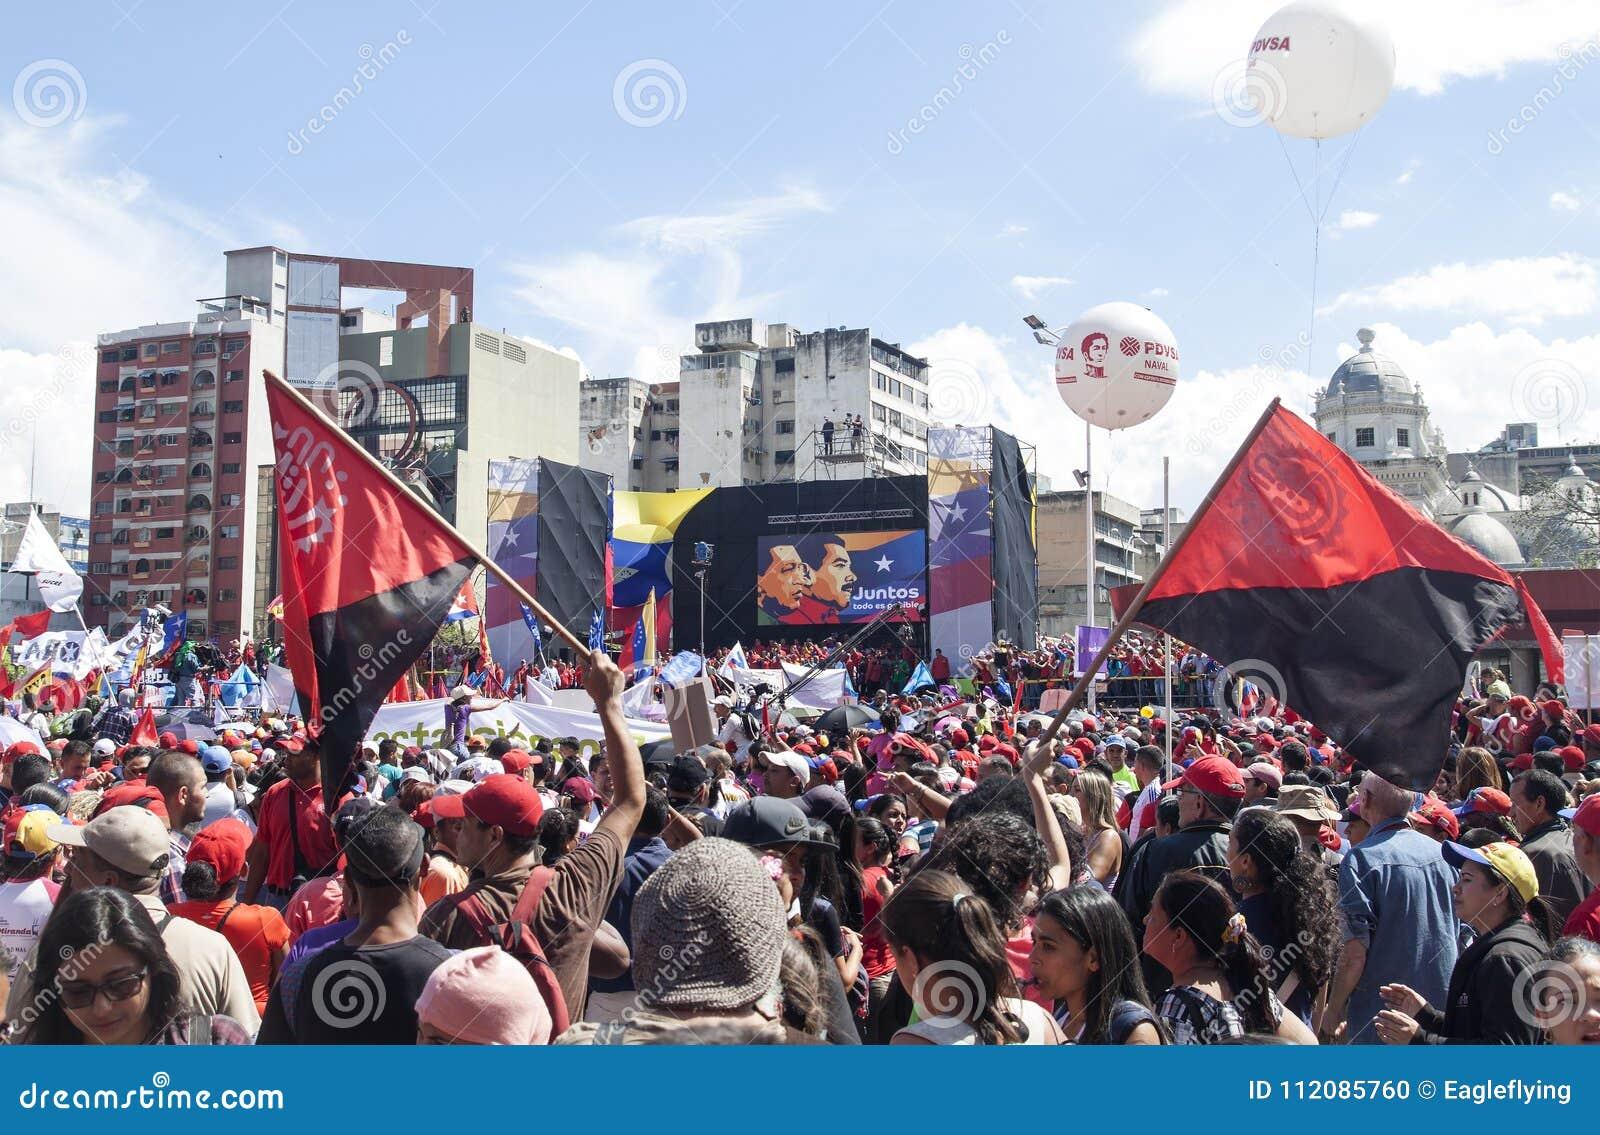 登记作为总统选举的候选人的尼古拉斯・马杜罗在委内瑞拉